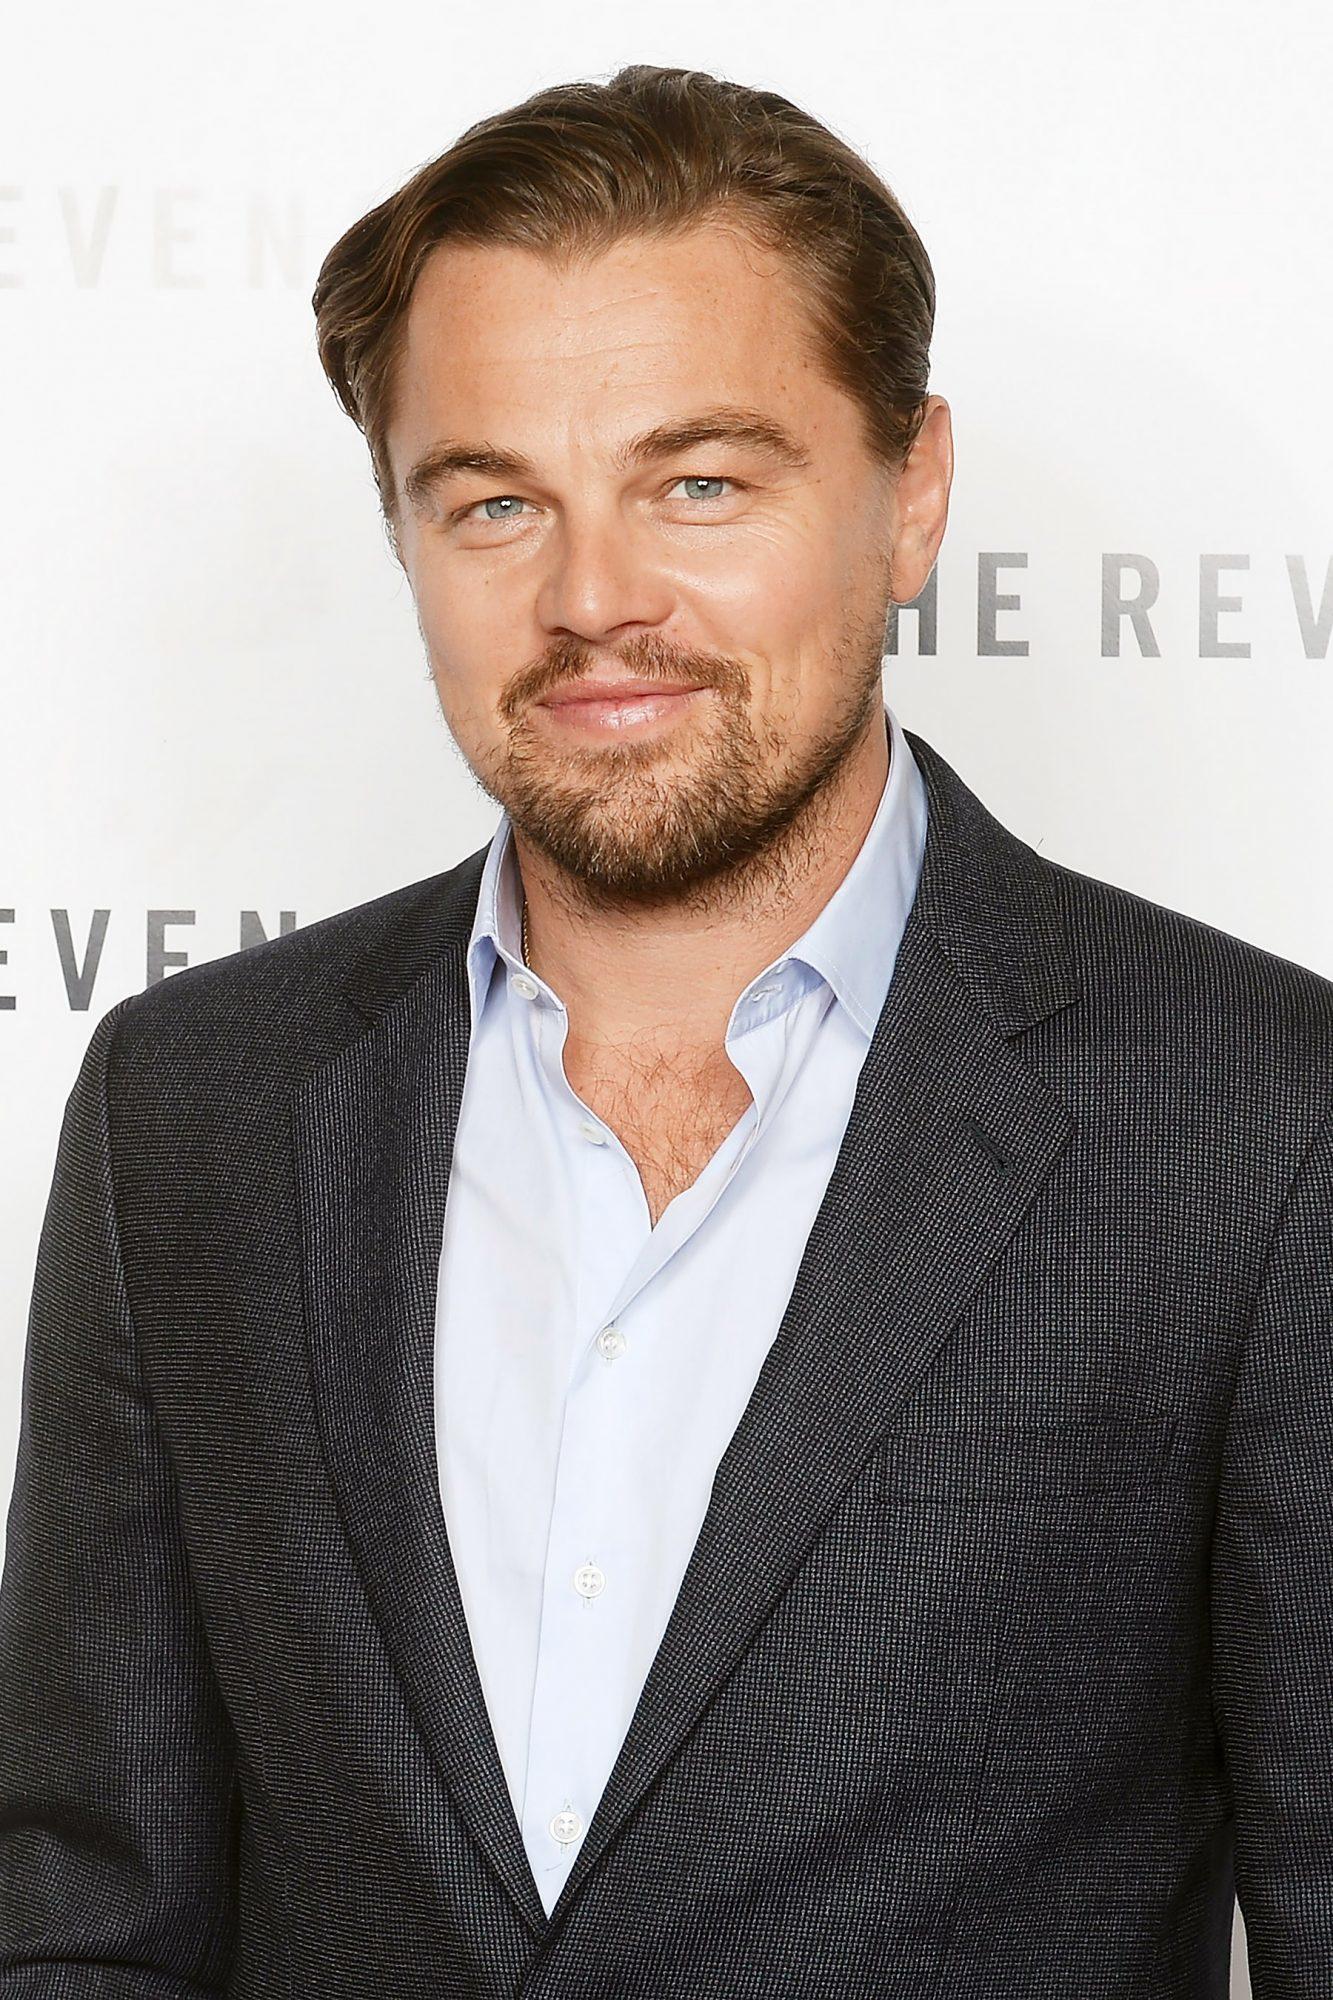 Tài tử Leonardo DiCaprio 'Titanic' lộ thân hình béo ú, xập xệ ở tuổi 46